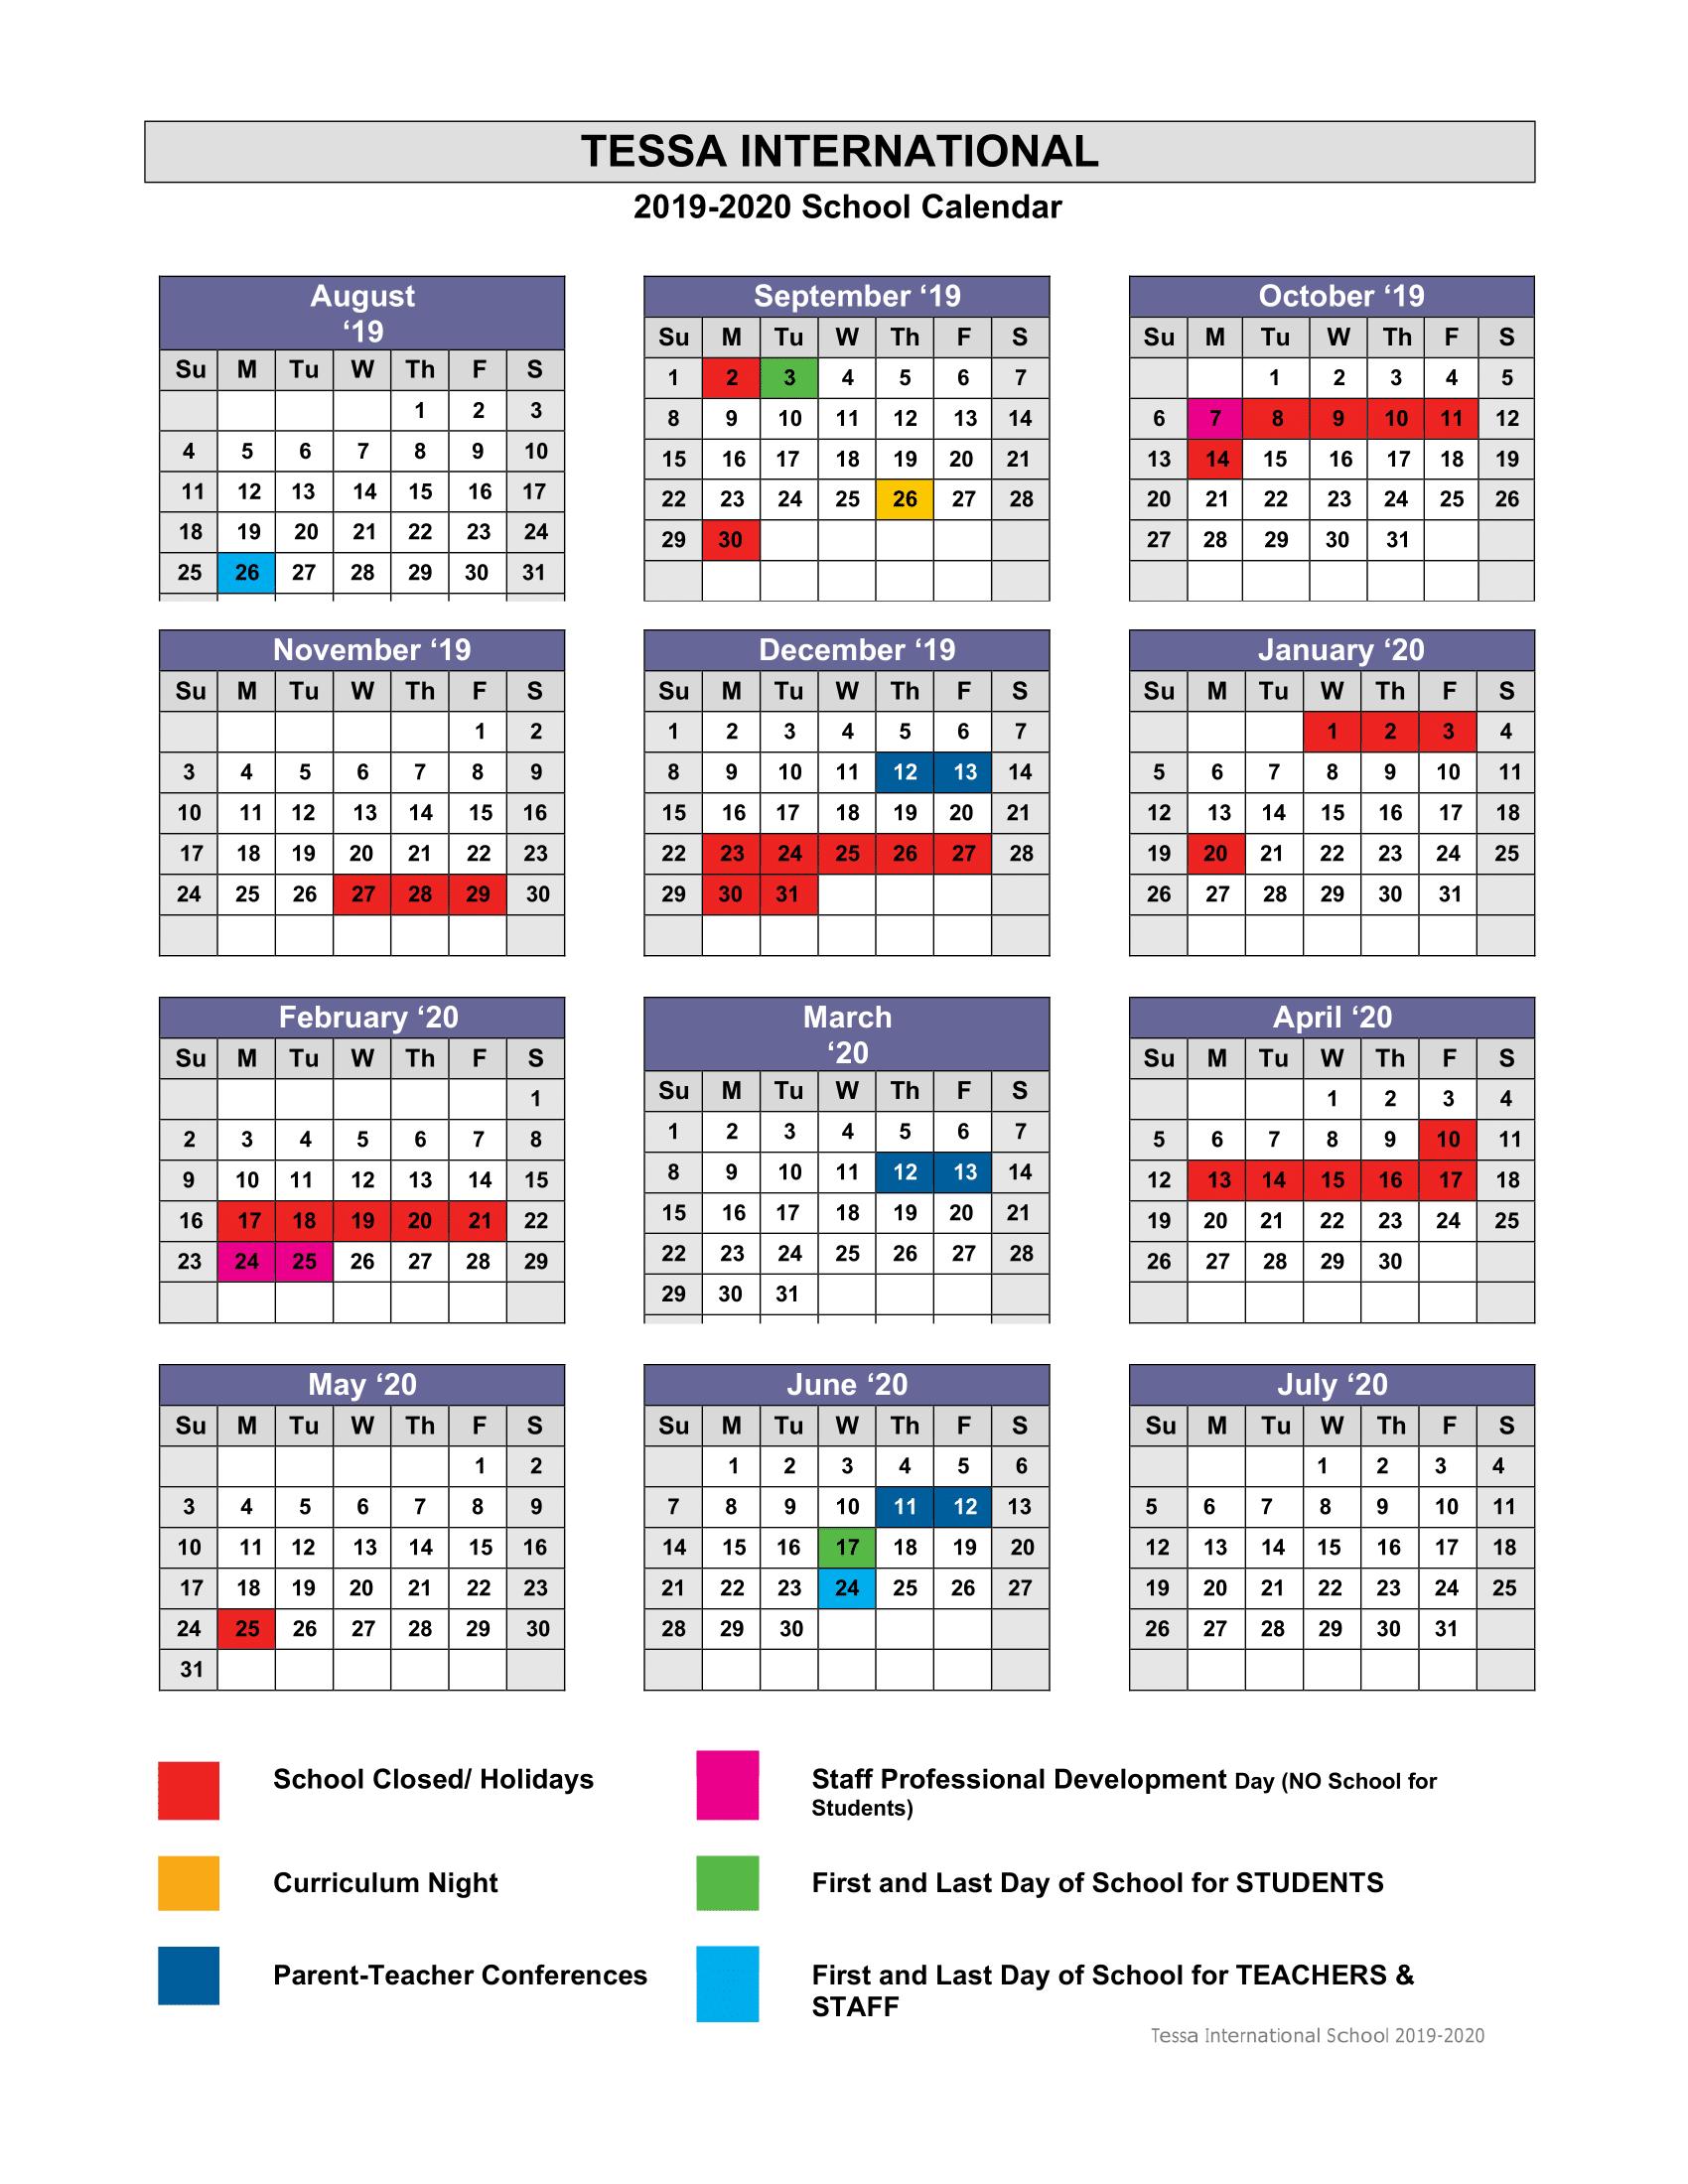 Academic Calendar 2019 2020 – Tessa International School For Staten Island College Callendar